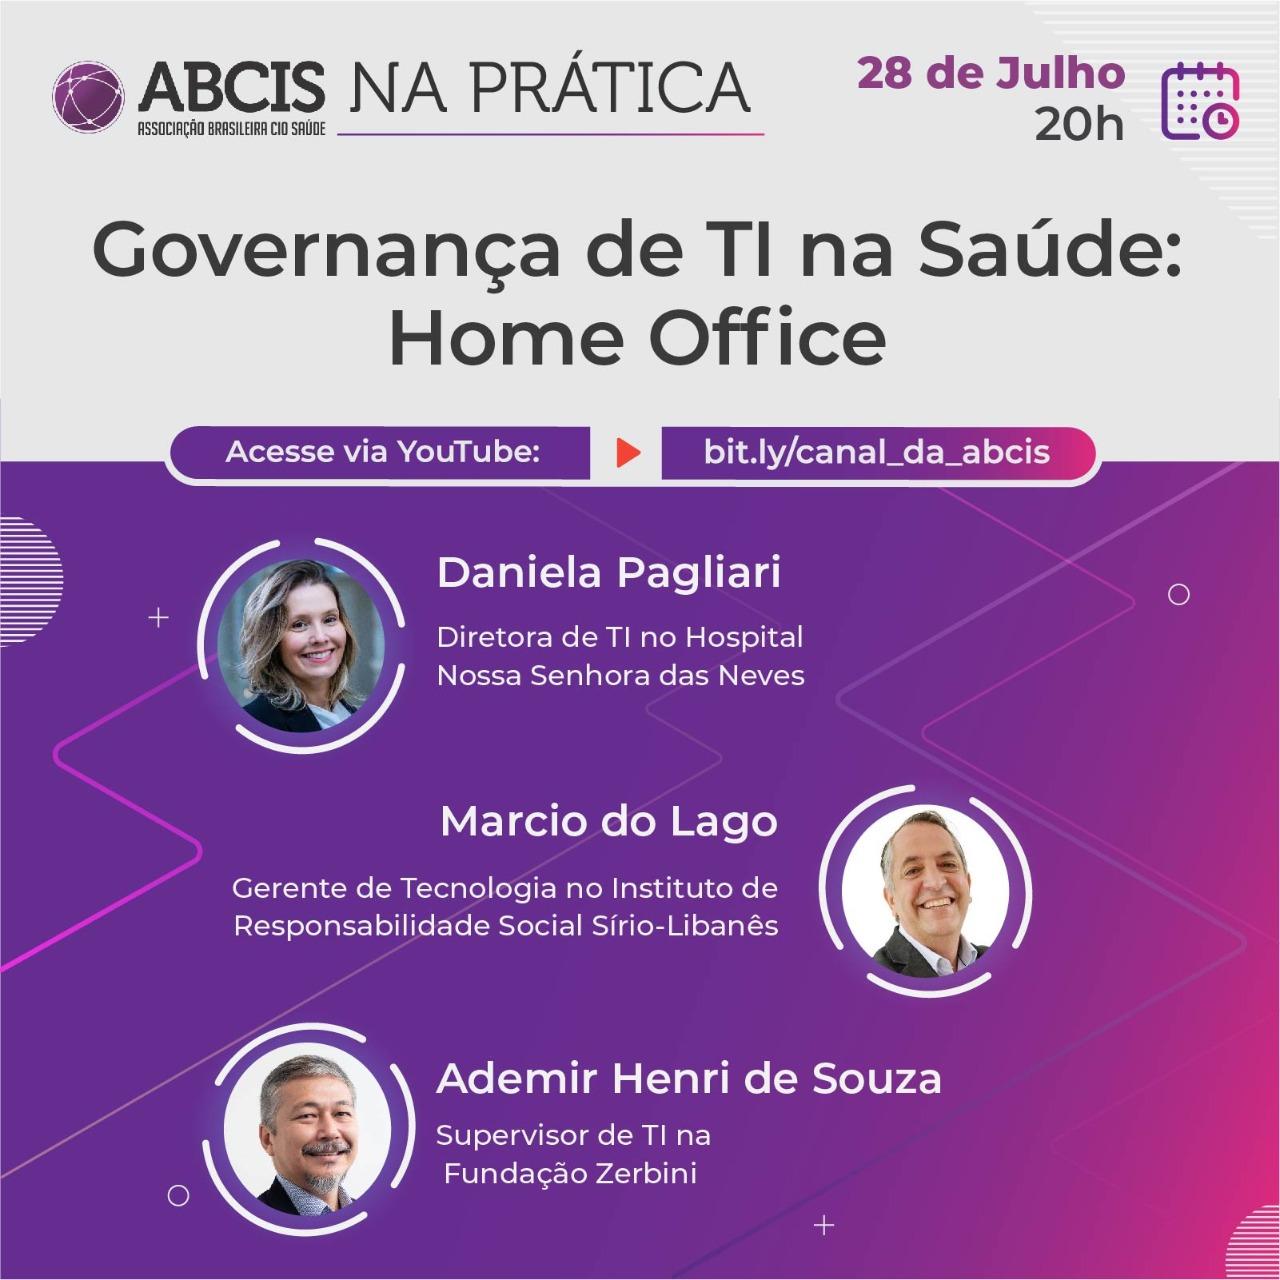 Governança de TI na Saúde: Home Office